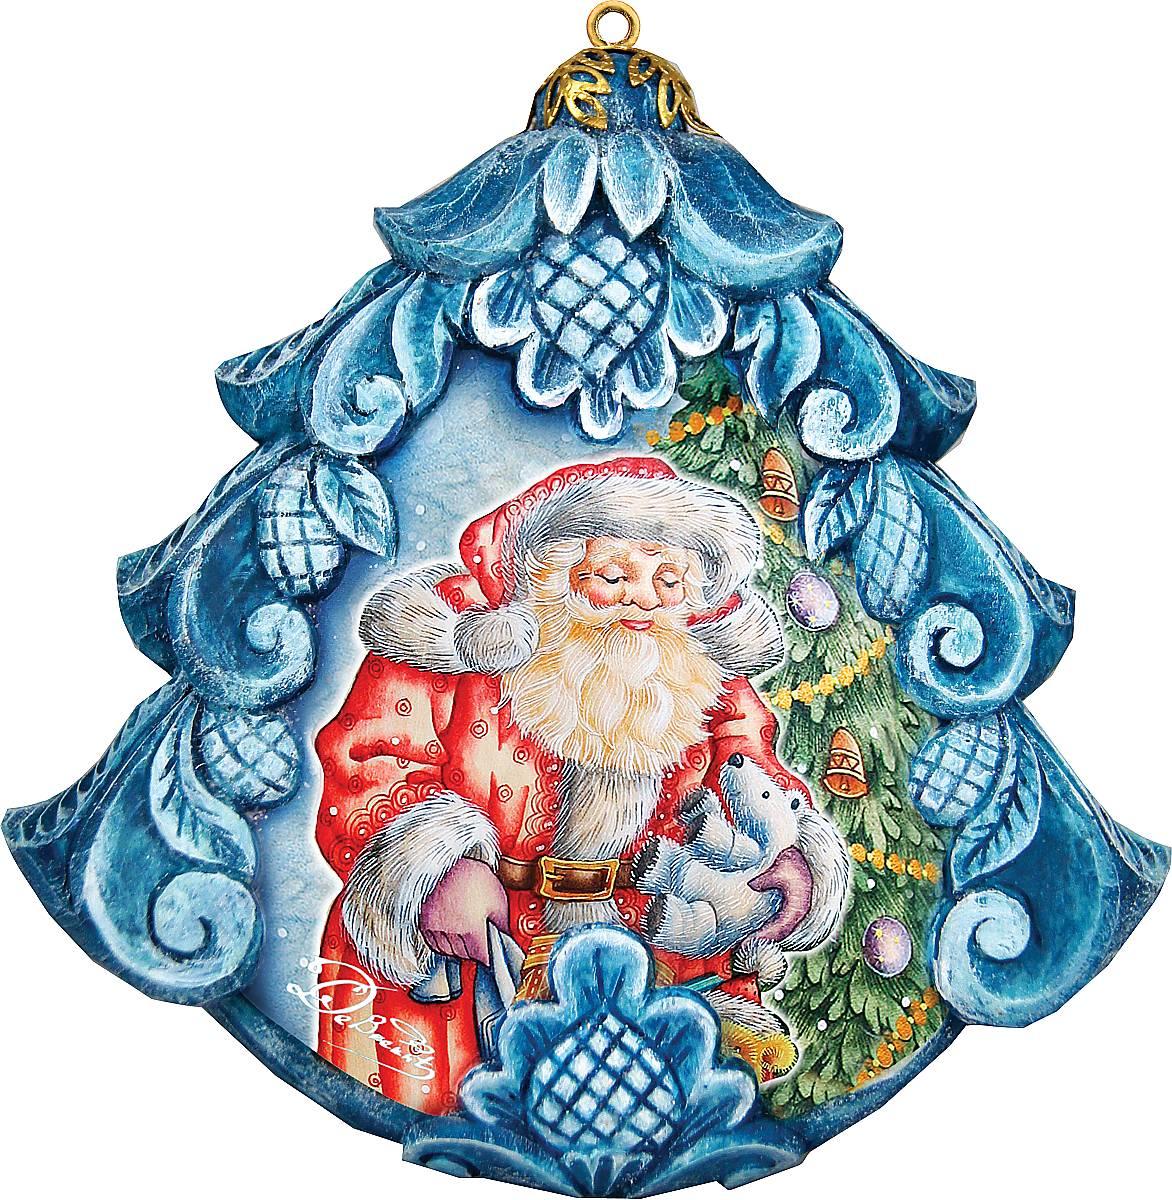 Украшение новогоднее подвесное Mister Christmas, коллекционное, высота 10 см. US 610271US 610271Коллекционное украшение Mister Christmas прекрасно подойдет для праздничного декора вашего дома. Изделие выполнено из полистоуна и оснащено креплением для подвешивания на елку. Новогодние украшения несут в себе волшебство и красоту праздника. Они помогут вам украсить дом к предстоящим праздникам и оживить интерьер. Создайте в доме атмосферу тепла, веселья и радости, украшая его всей семьей. Кроме того, такая игрушка станет приятным подарком, который надолго сохранит память этого волшебного времени года. Высота украшения: 10 см.